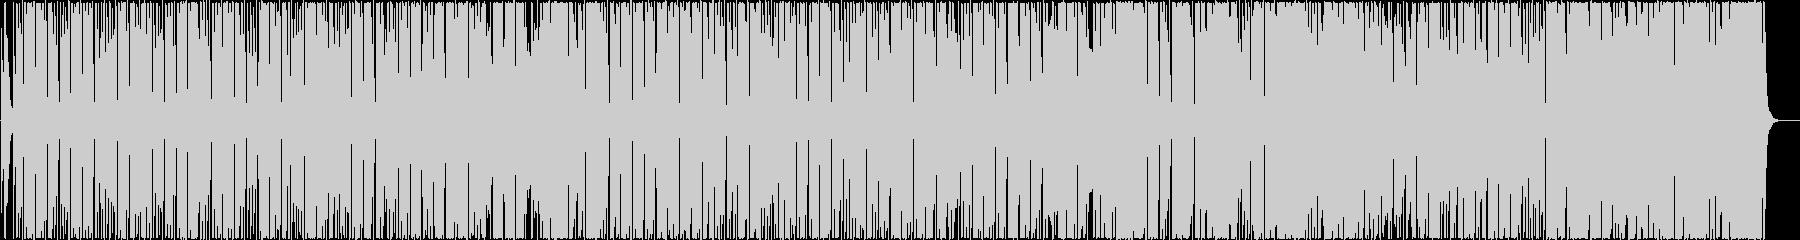 金管メインのミドルテンポの心地よいスカの未再生の波形